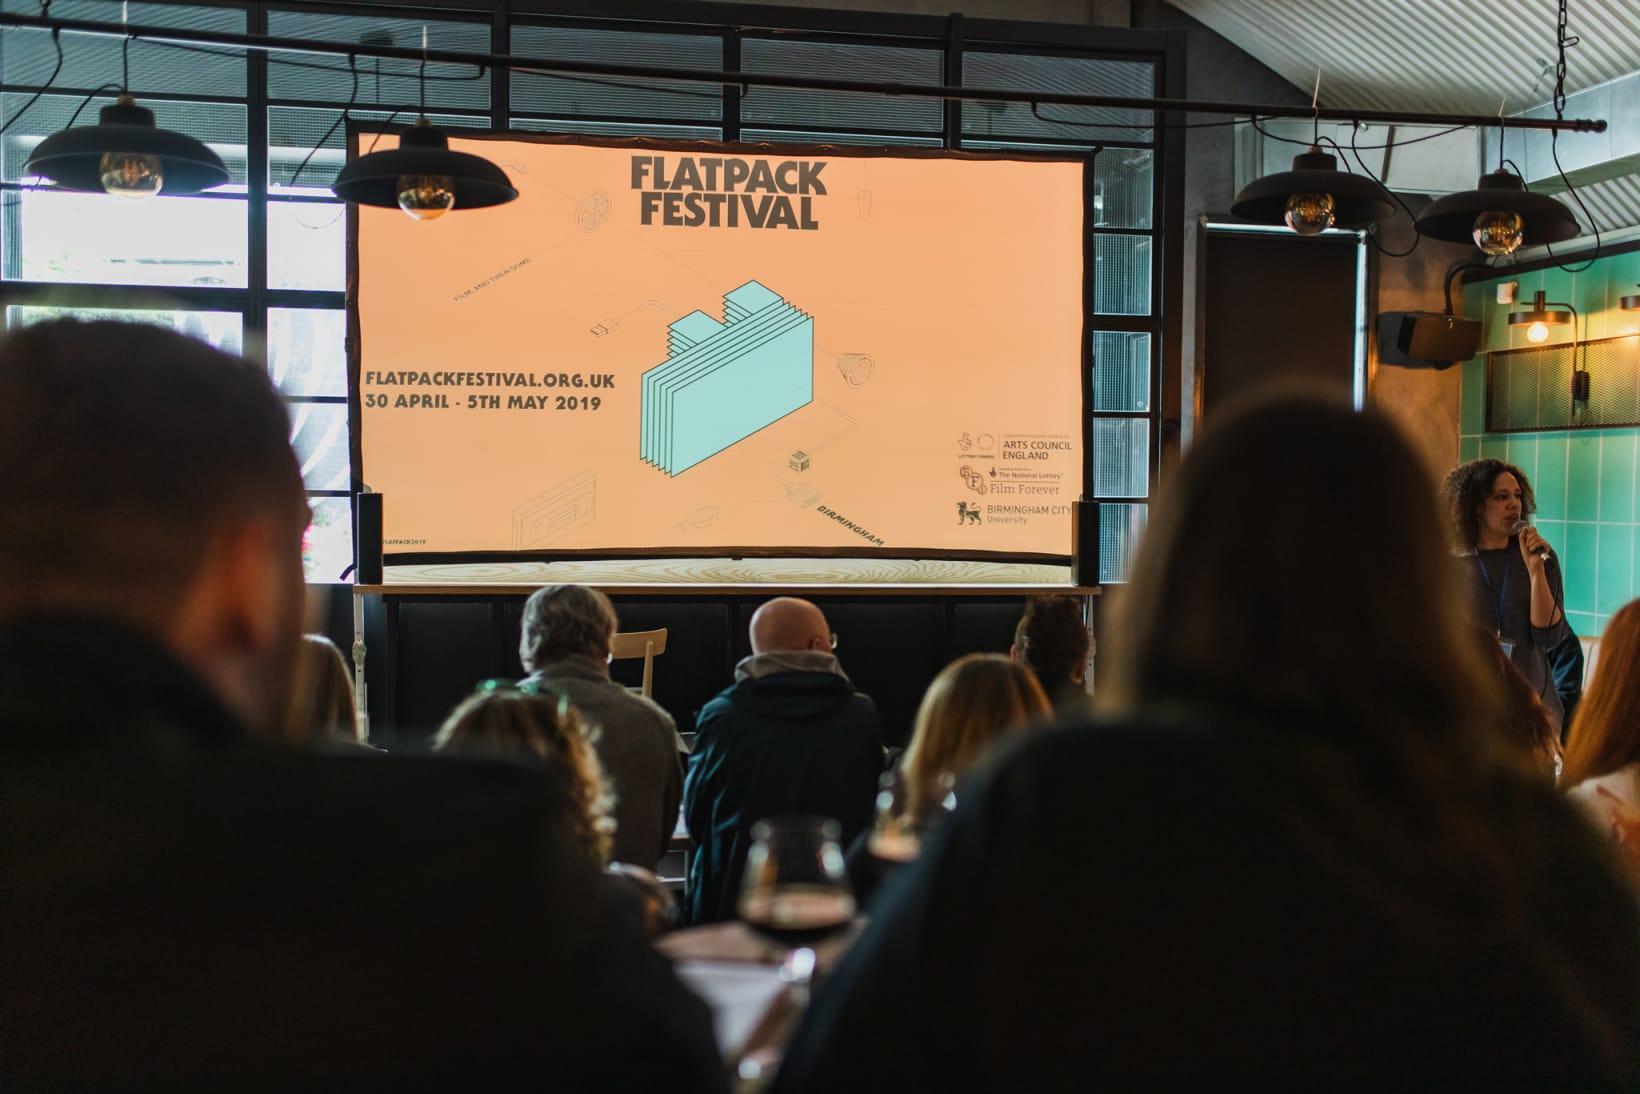 shorts & hops flatpack festival 2019